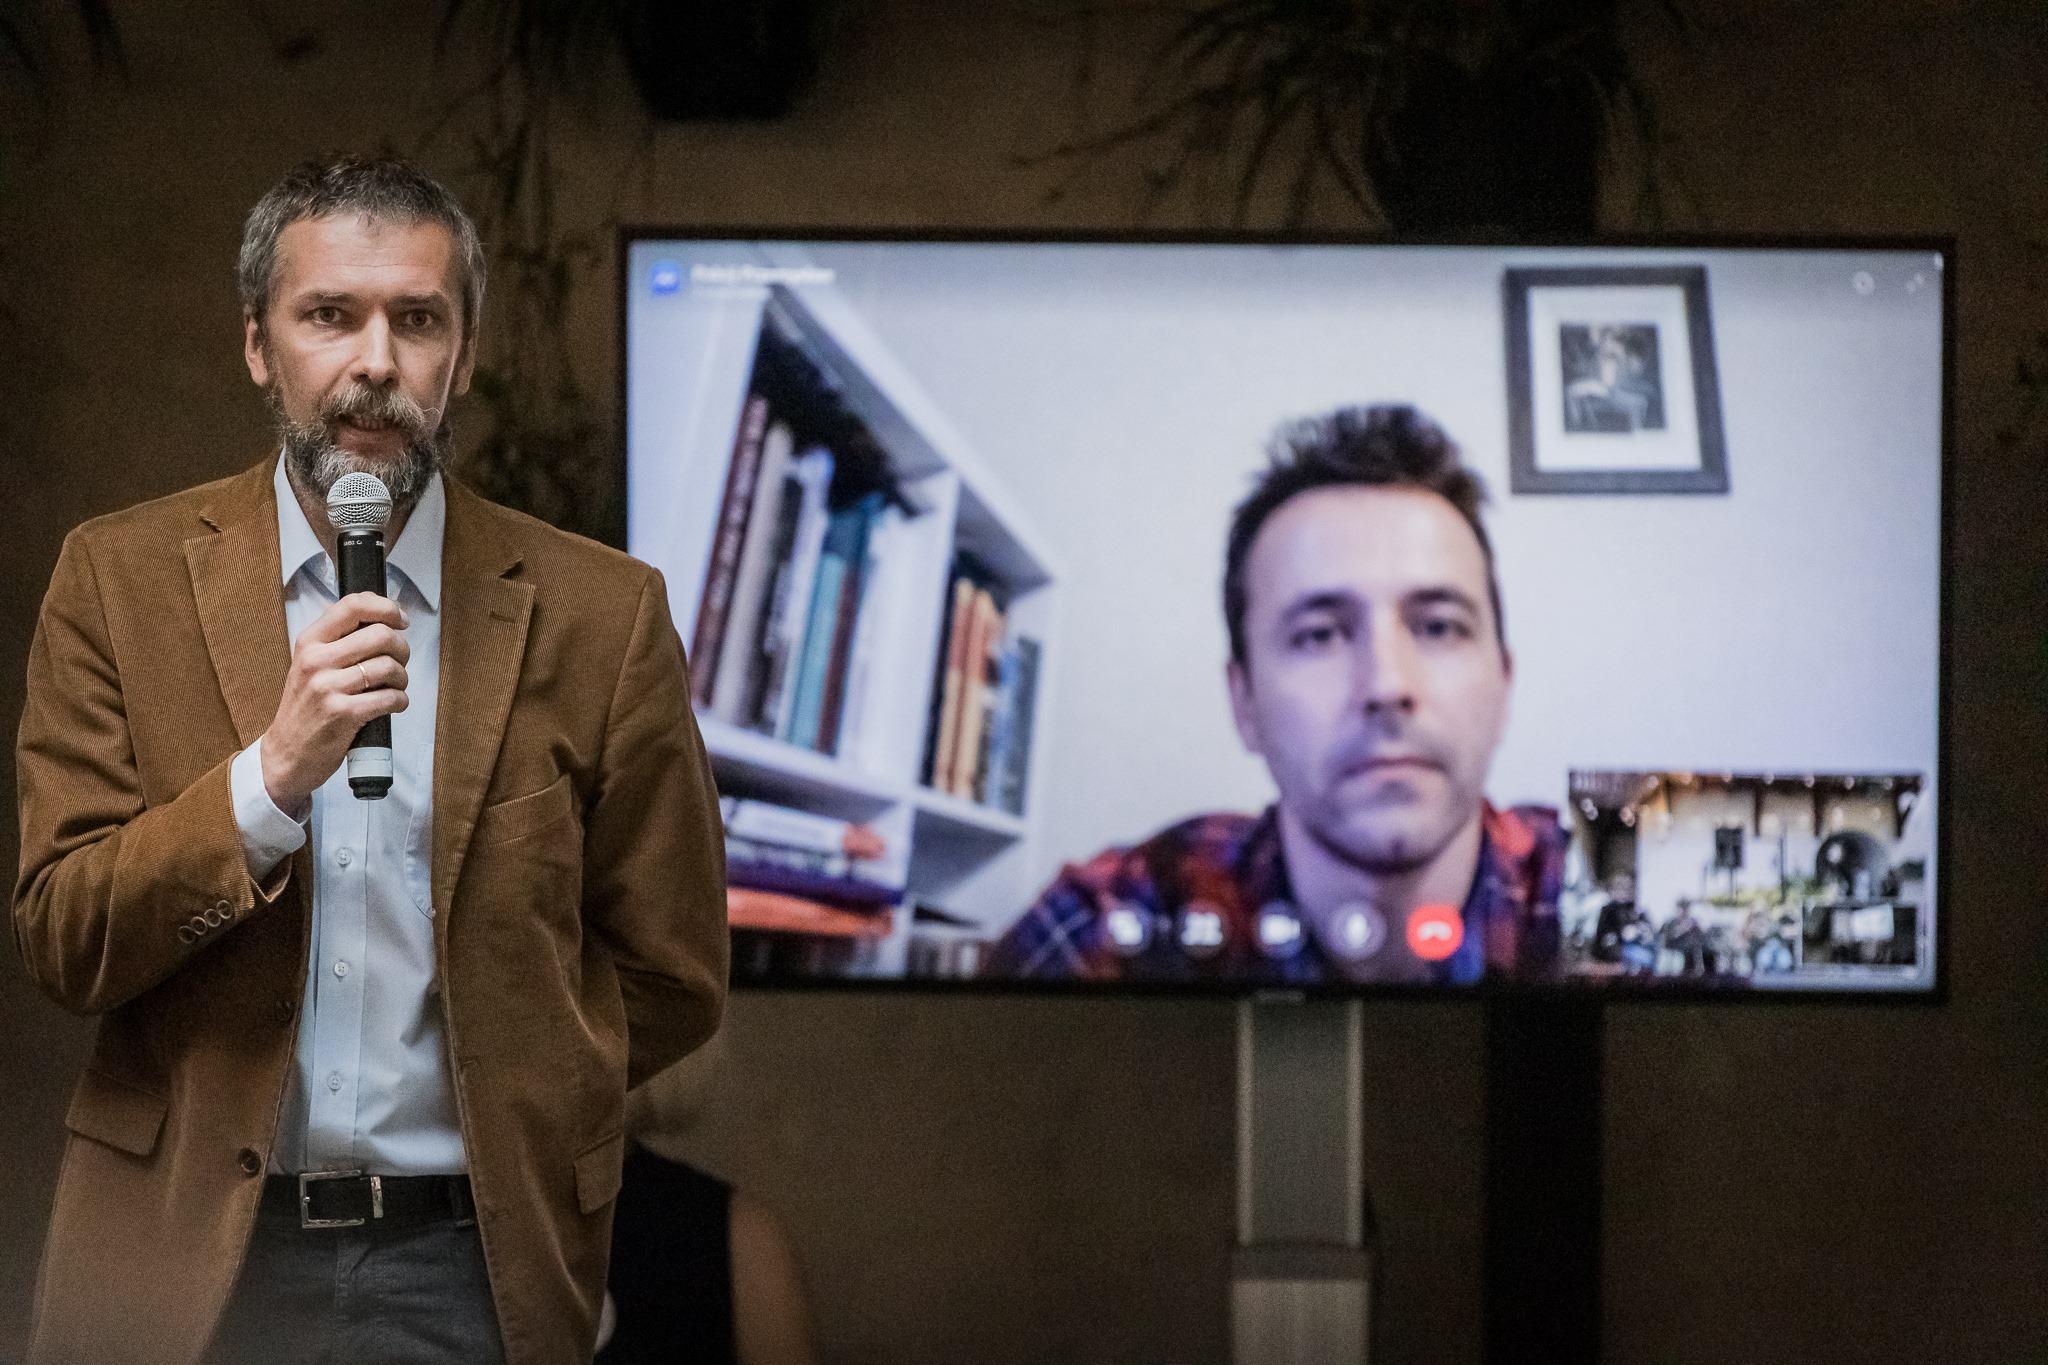 """[Zdjęcie ze spotkania autorskiego dotyczącego prezentacji książki Artema Czecha """"Dzielnica D"""" w ramach serii wydawniczej Wschodni Express. Na zdjęciu widoczny jest mężczyzna - Andrij Saweneć. Przemawia on do mikrofonu. Ma na sobie białą koszulę i brązową marynarkę. Za mężczyzną widoczny jest na ekranie Artem Czech, który bierze udział w spotkaniu on-line. Ubrany jest w koszulę w kratkę. Za jego plecami widoczna jest biała ściana, na której zawieszony jest obraz w ramce. Z lewej strony obrazu znajduje się także biały regał z półkami wypełnionymi książkami.]"""